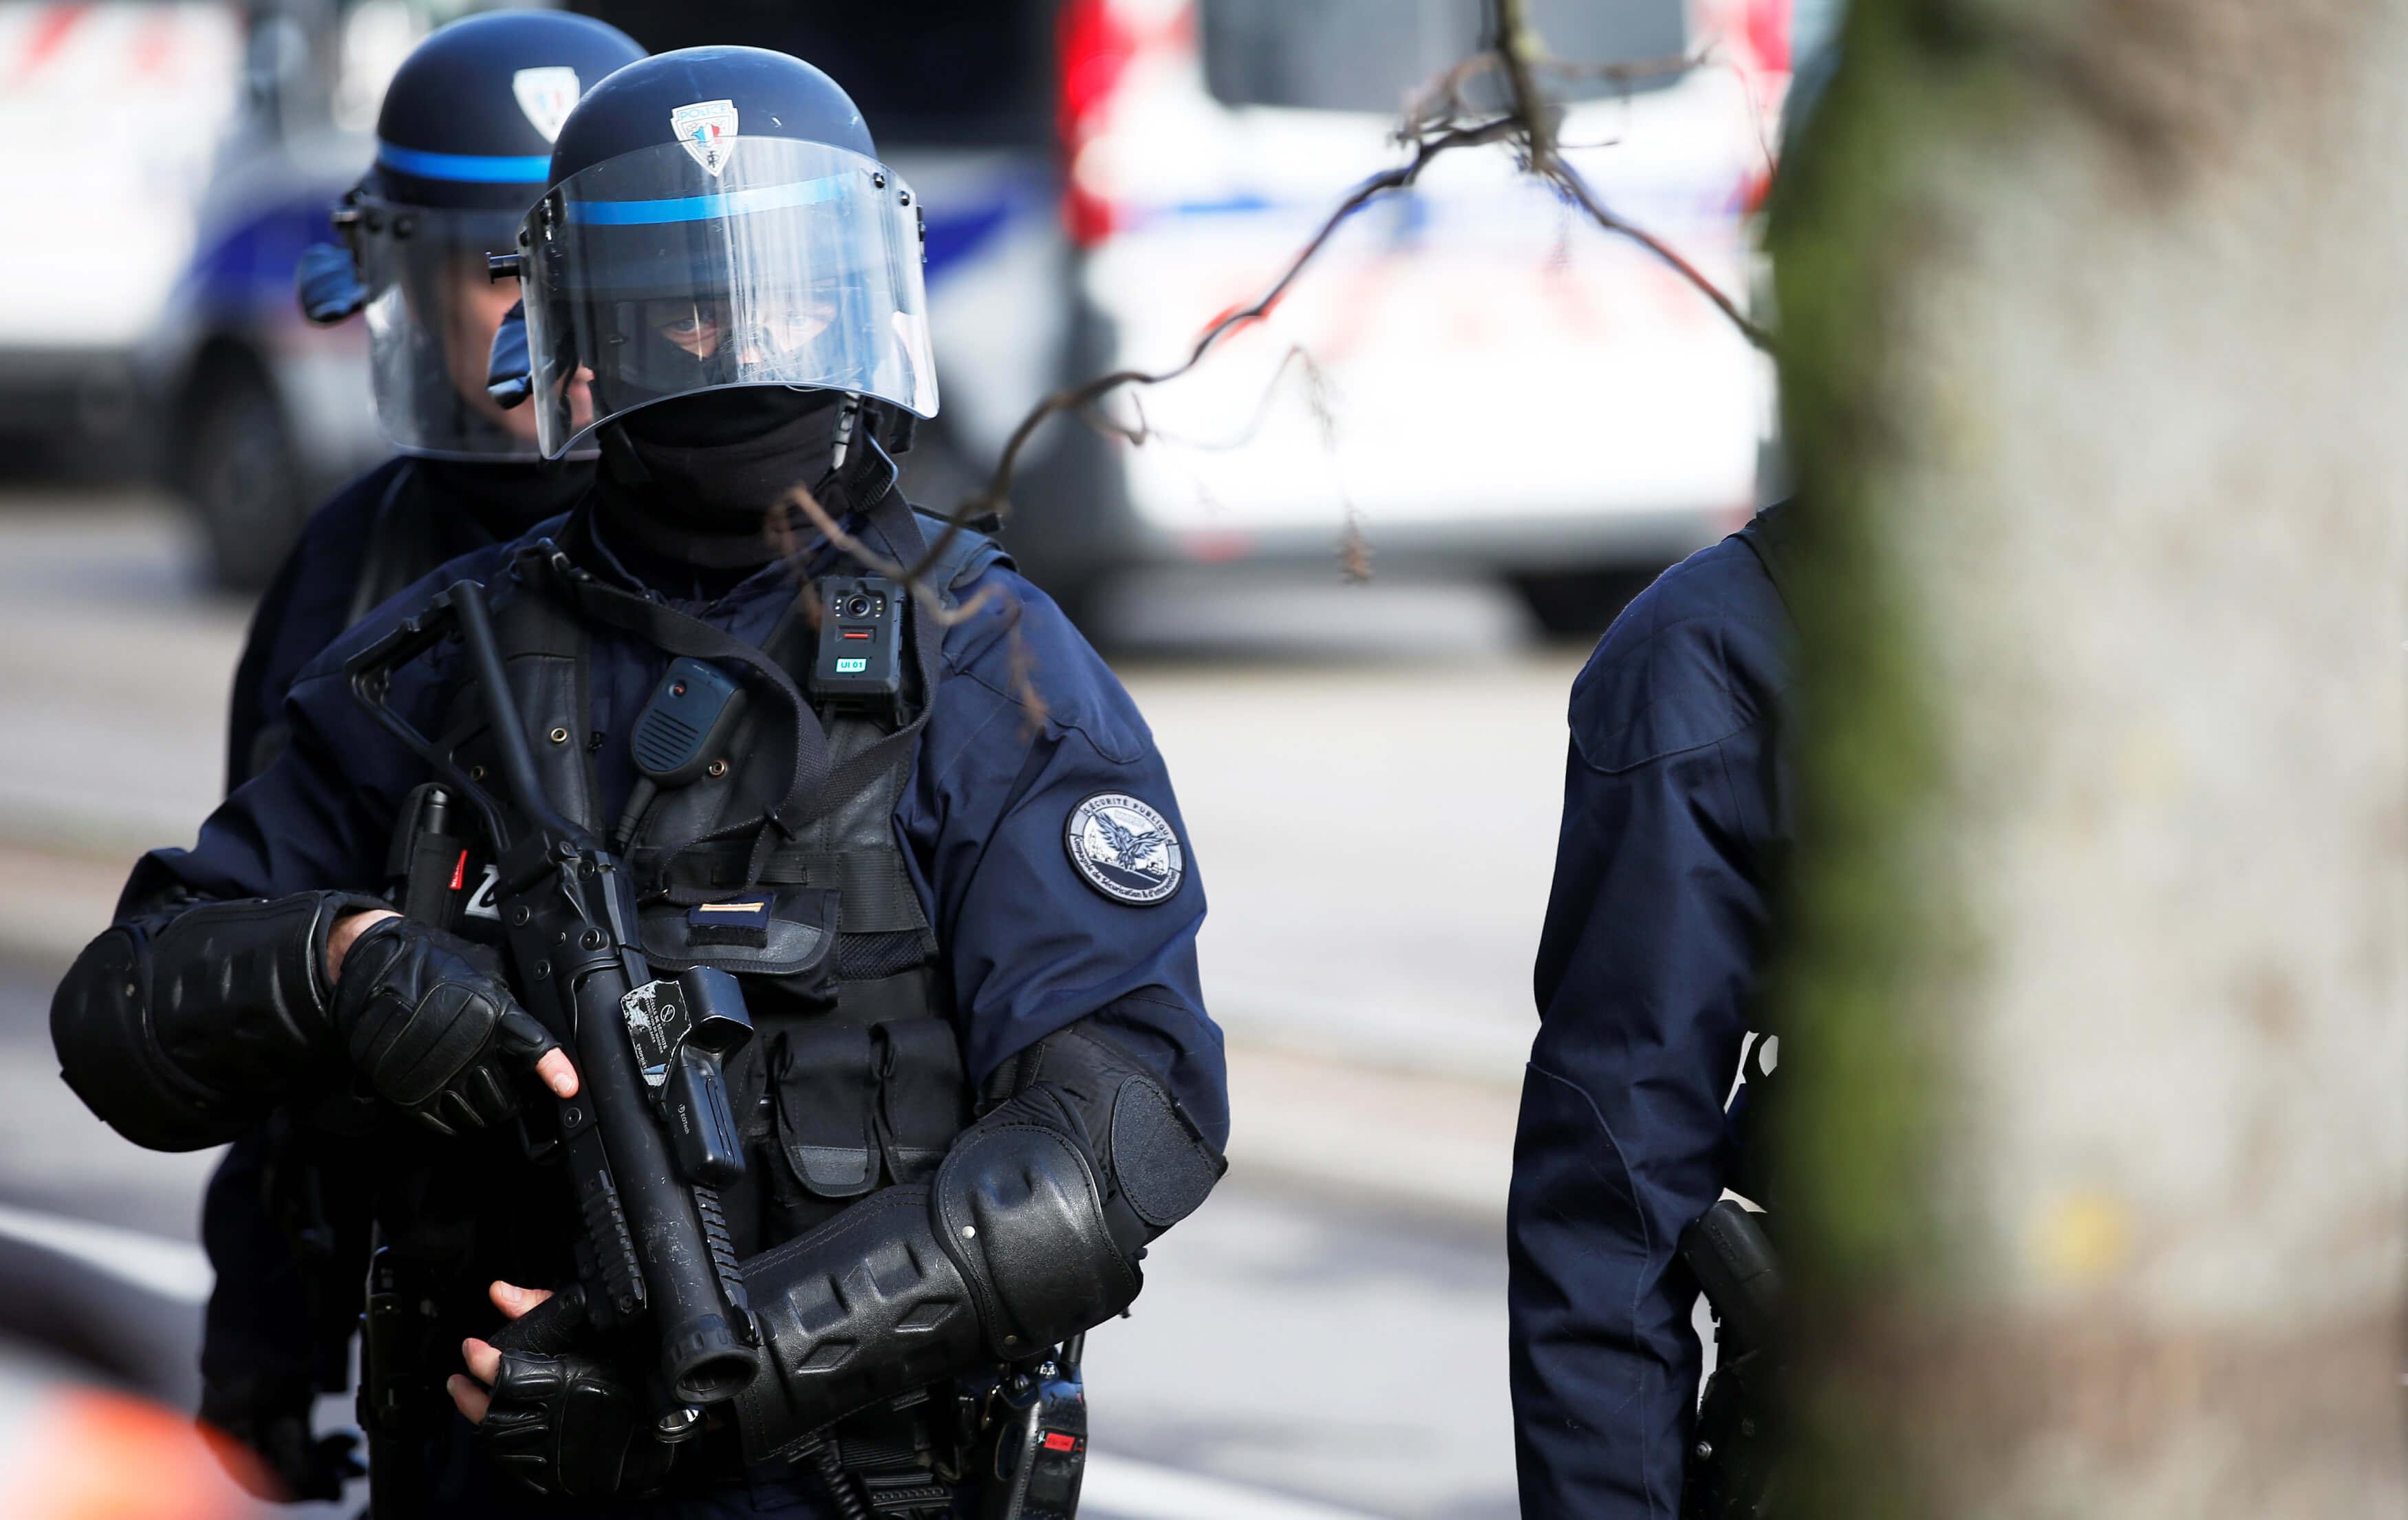 Επίθεση στο Μετρό του Παρισιού: «Περιθωριακοί και γνωστοί μεταξύ τους θύτης και θύμα»